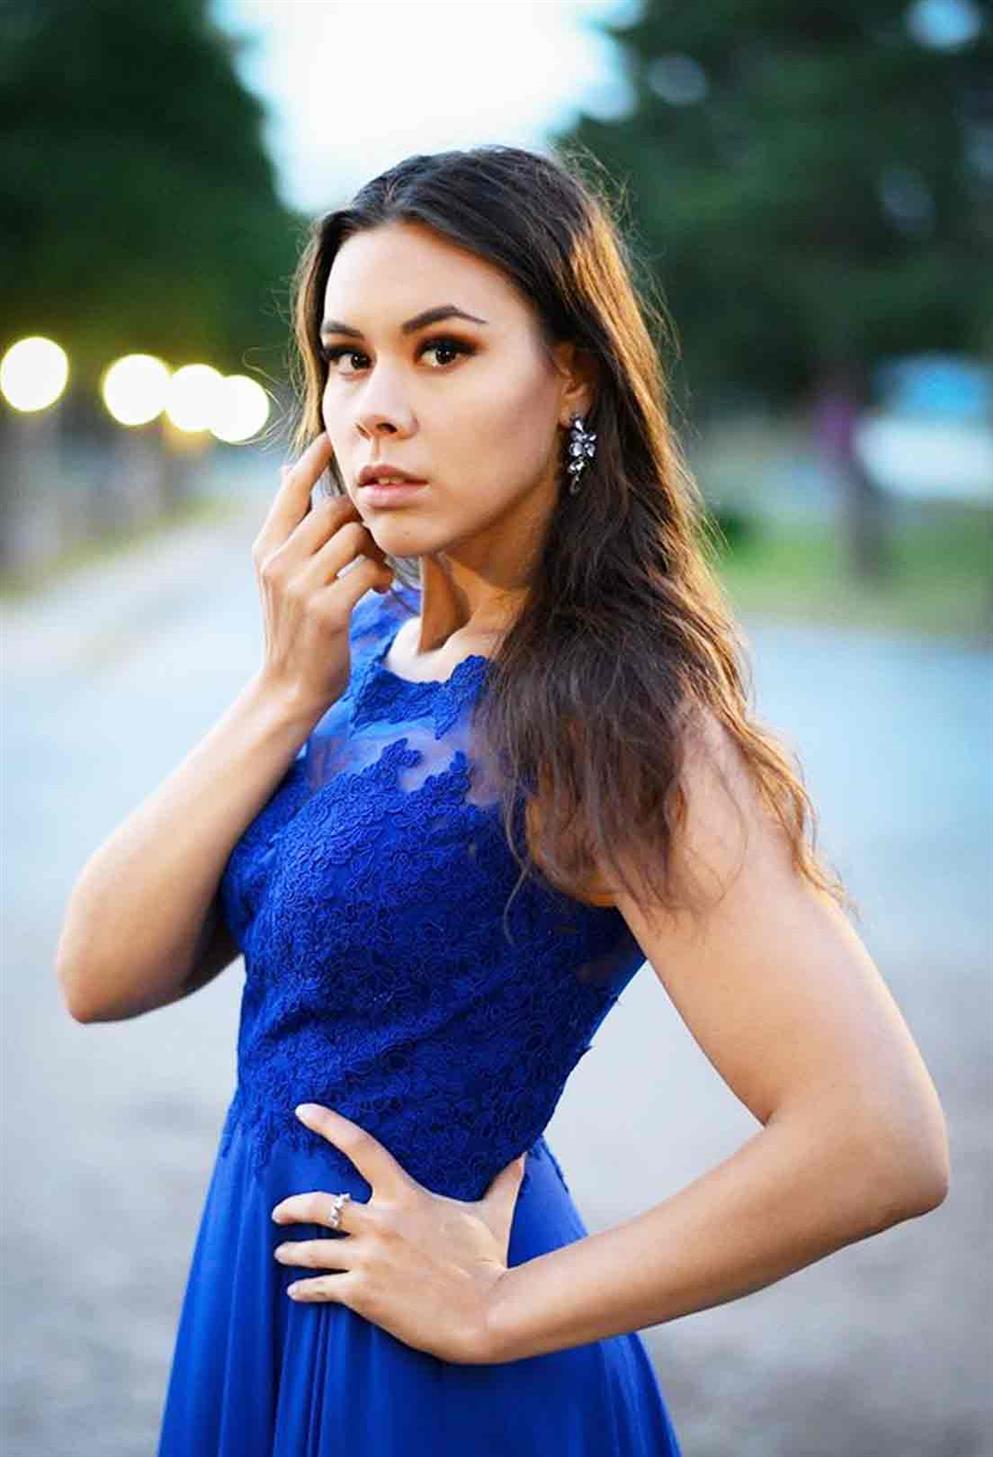 Meet Emilia Lepomäki Miss Eco Finland 2020